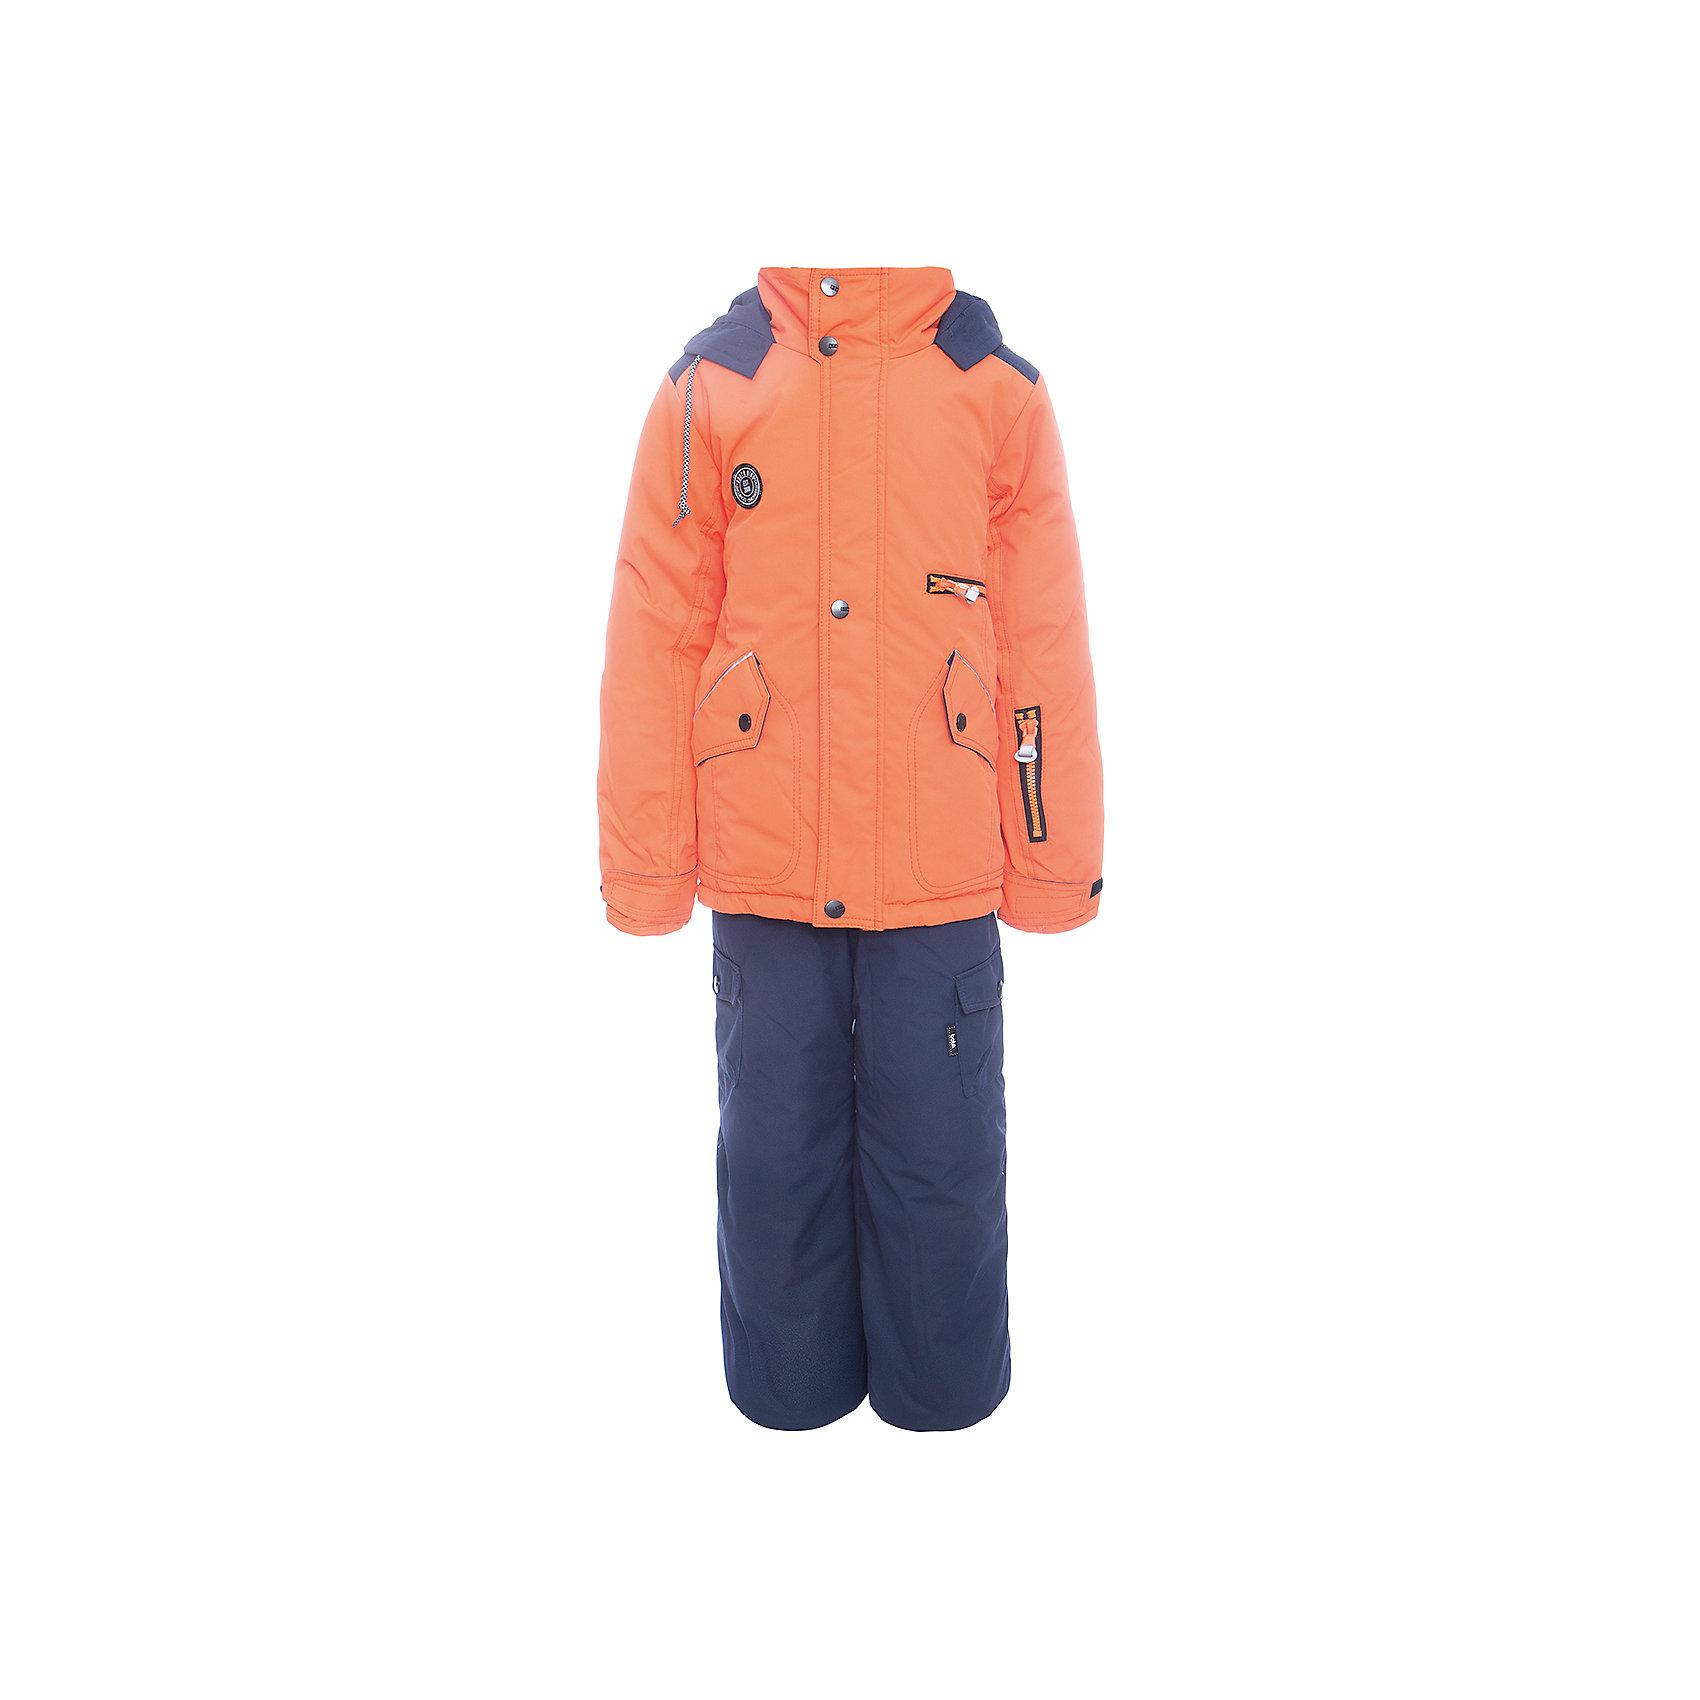 Комплект: куртка и полукомбенизон Марс Batik для мальчикаВерхняя одежда<br>Комплект: куртка и полукомбенизон Марс Batik для мальчика<br>Верхняя ткань обладает водоотталкивающими и ветрозащитными свойствами мембраны. Полукомбинезон с отстегивающимися лямками. Куртка на молнии с ветрозащитной планкой и юбкой внутри, светоотражающими элементами и капюшон на молнии.<br>Состав:<br>Ткань верха - TASLON OXFORD;  Утеплитель - Слайтекс 250;  Подкладка - Полар флис;<br><br>Ширина мм: 356<br>Глубина мм: 10<br>Высота мм: 245<br>Вес г: 519<br>Цвет: оранжевый<br>Возраст от месяцев: 84<br>Возраст до месяцев: 96<br>Пол: Мужской<br>Возраст: Детский<br>Размер: 128,140,134<br>SKU: 7028365